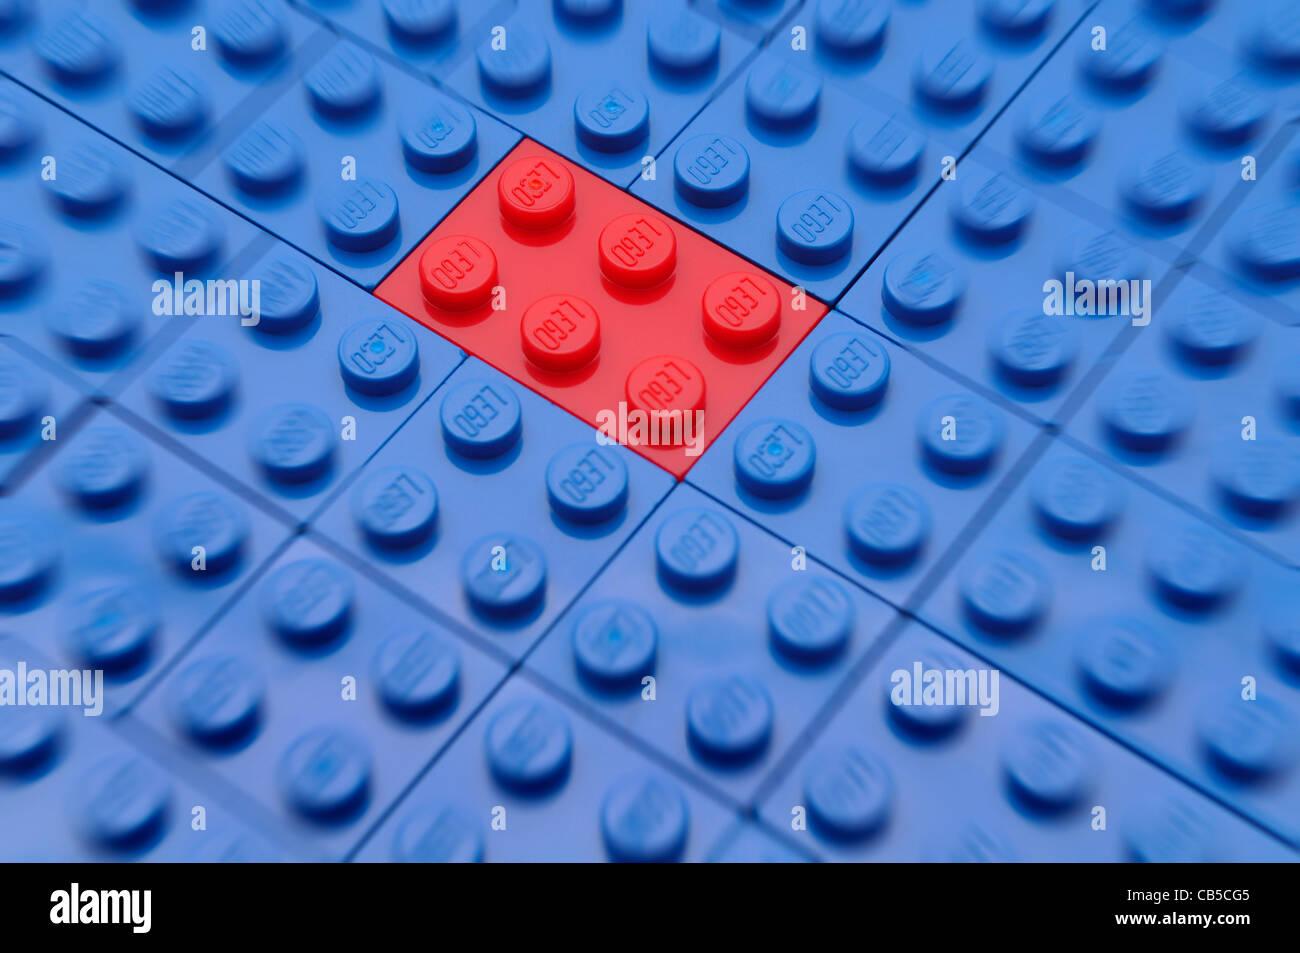 Un único edificio de ladrillo rojo de juguete azul destaca entre los ladrillos del edificio. Imagen De Stock